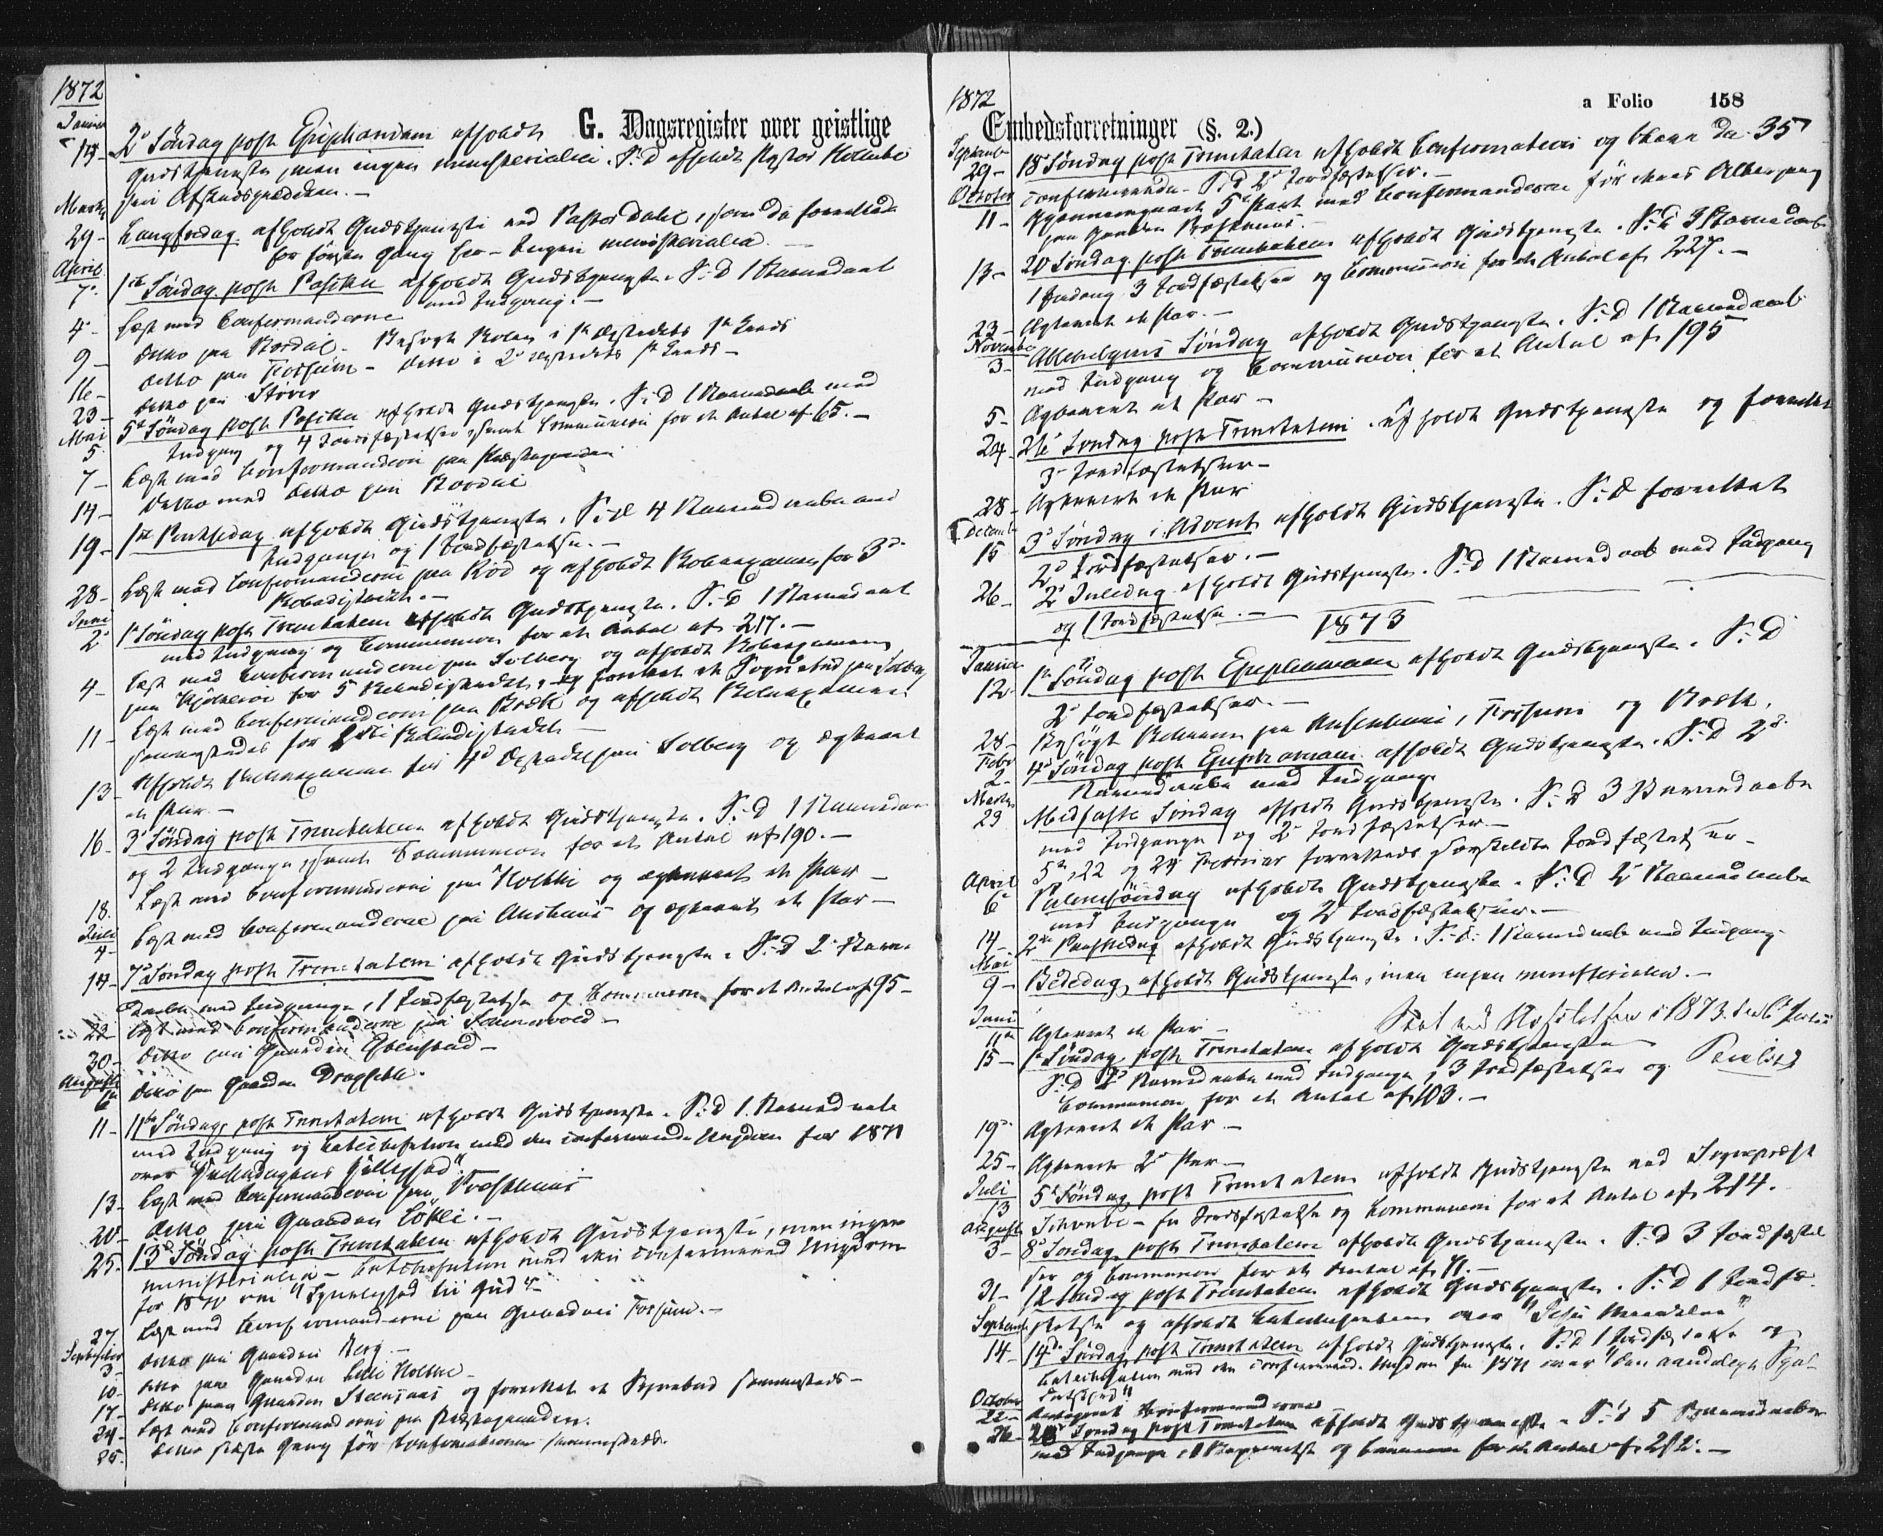 SAT, Ministerialprotokoller, klokkerbøker og fødselsregistre - Sør-Trøndelag, 689/L1039: Ministerialbok nr. 689A04, 1865-1878, s. 158